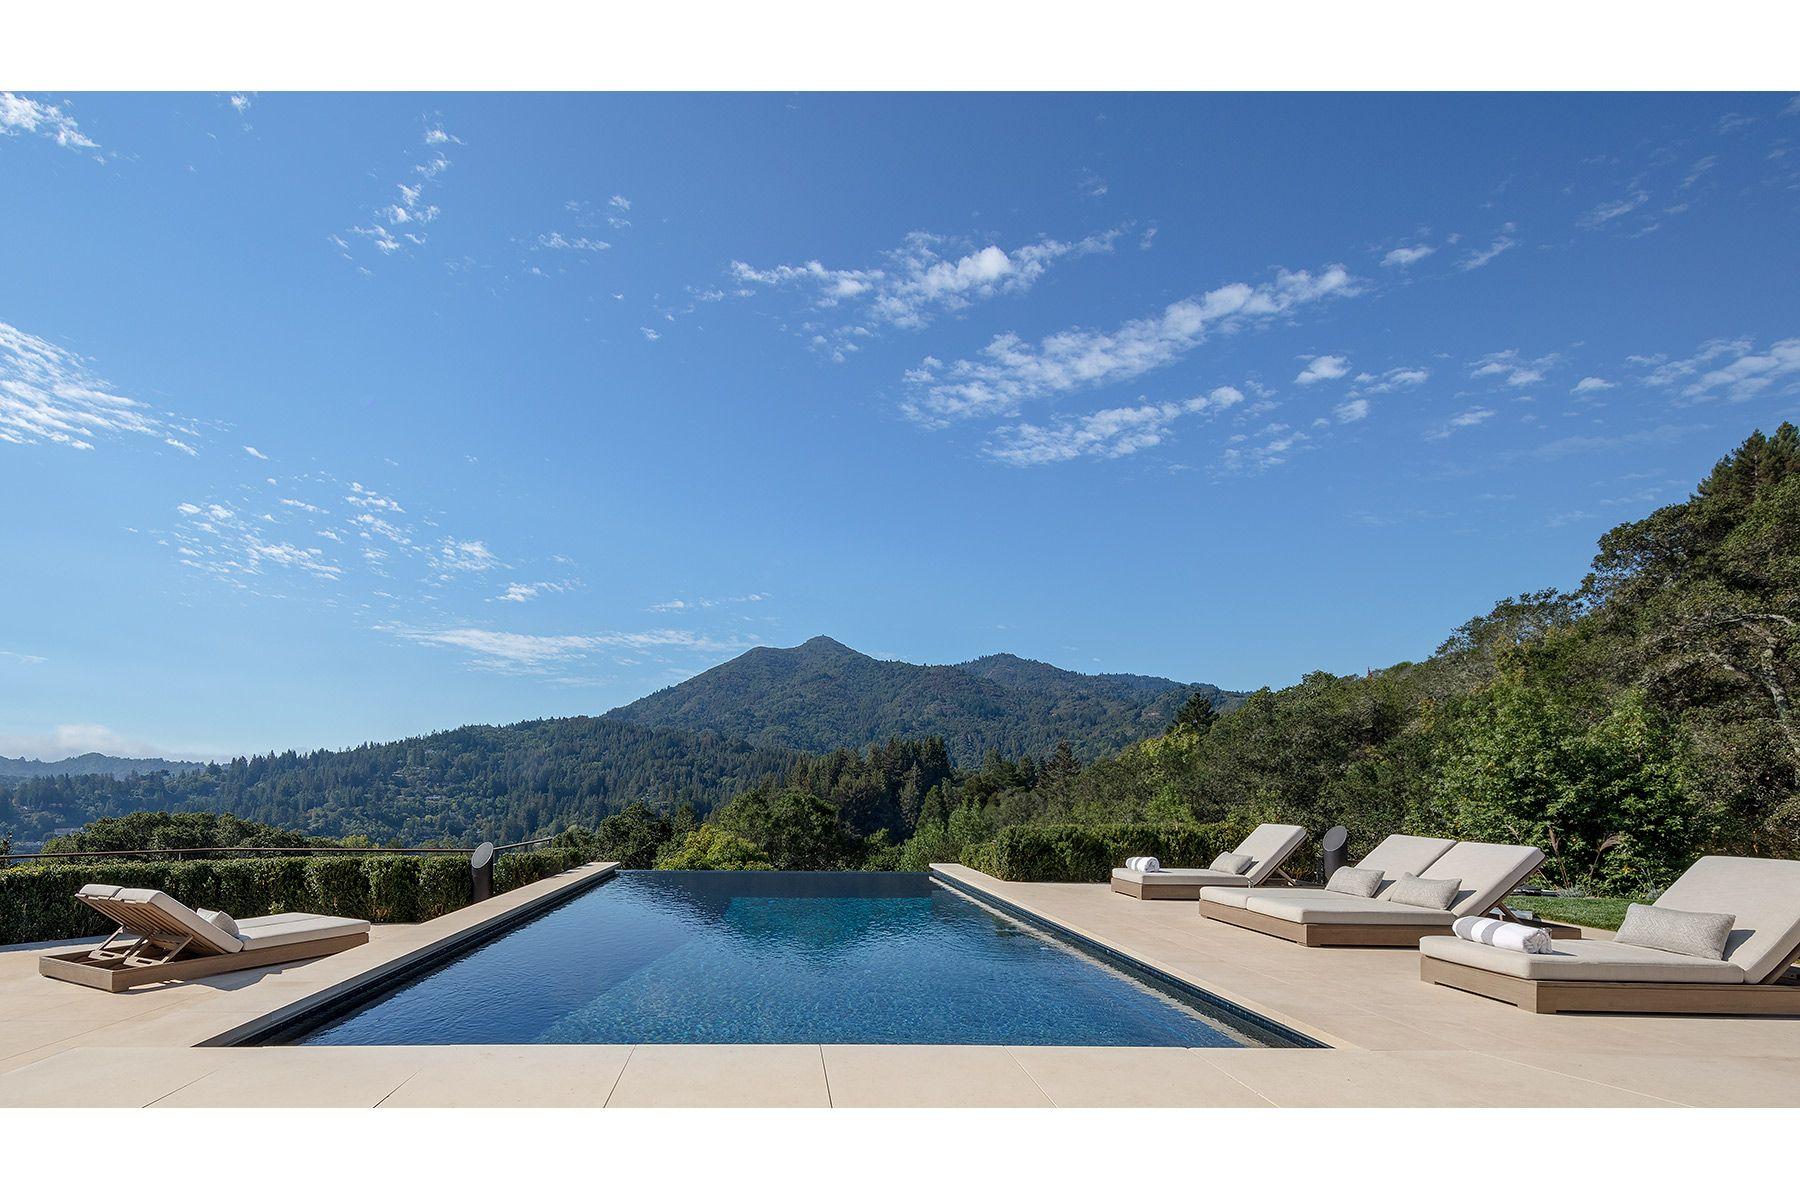 Martin Kobus Home, Steve Wisenbaker Architects